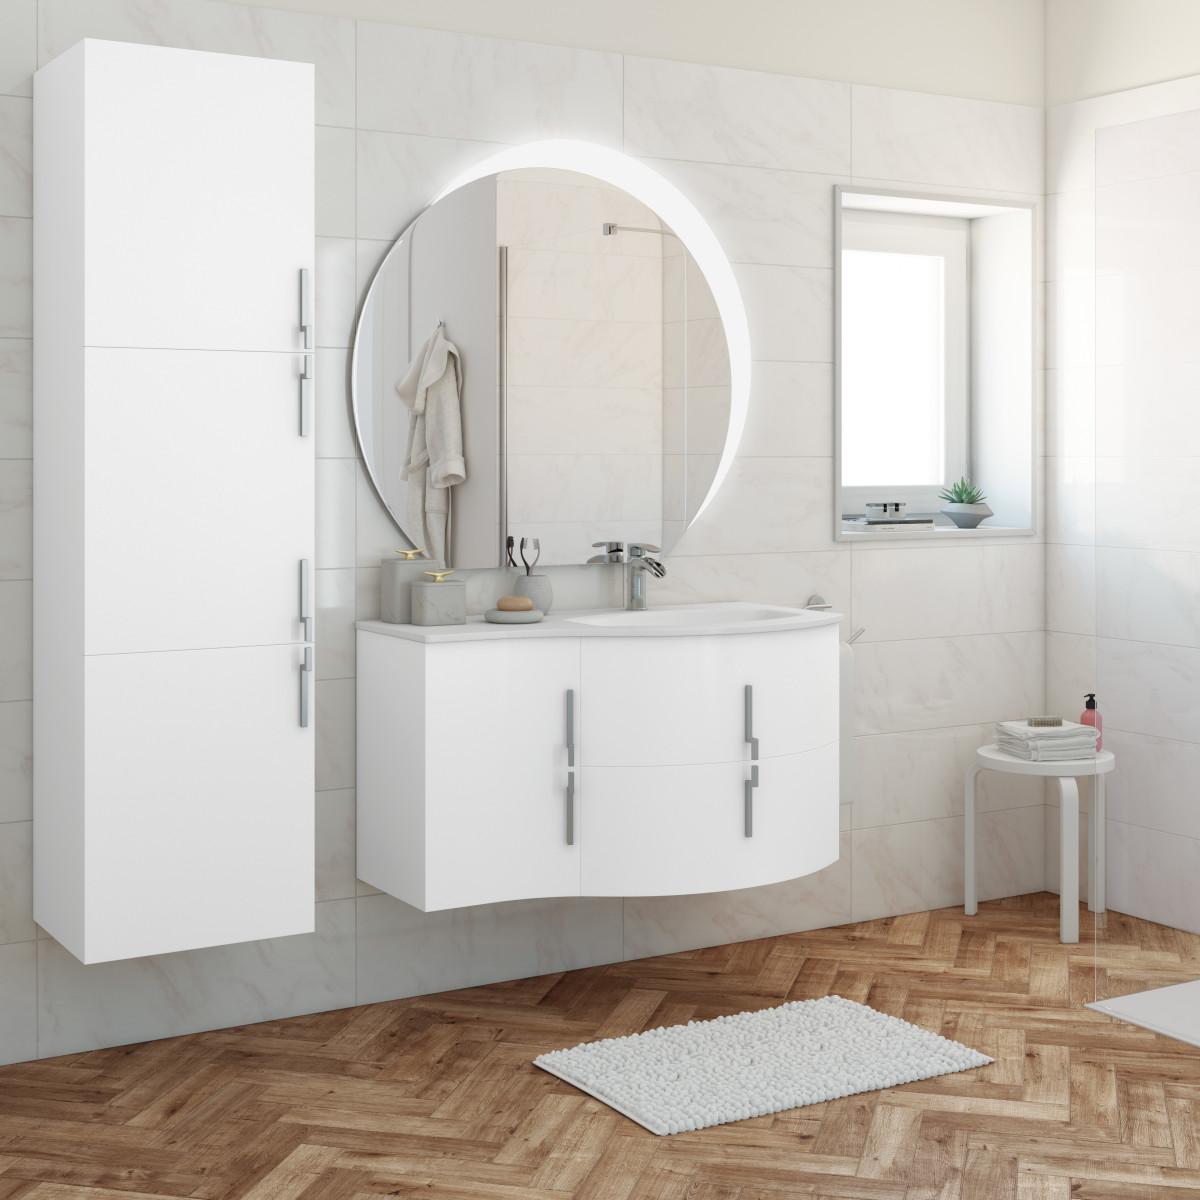 Camino ad angolo con mattoncini in marmo - Cerco mobile bagno ...